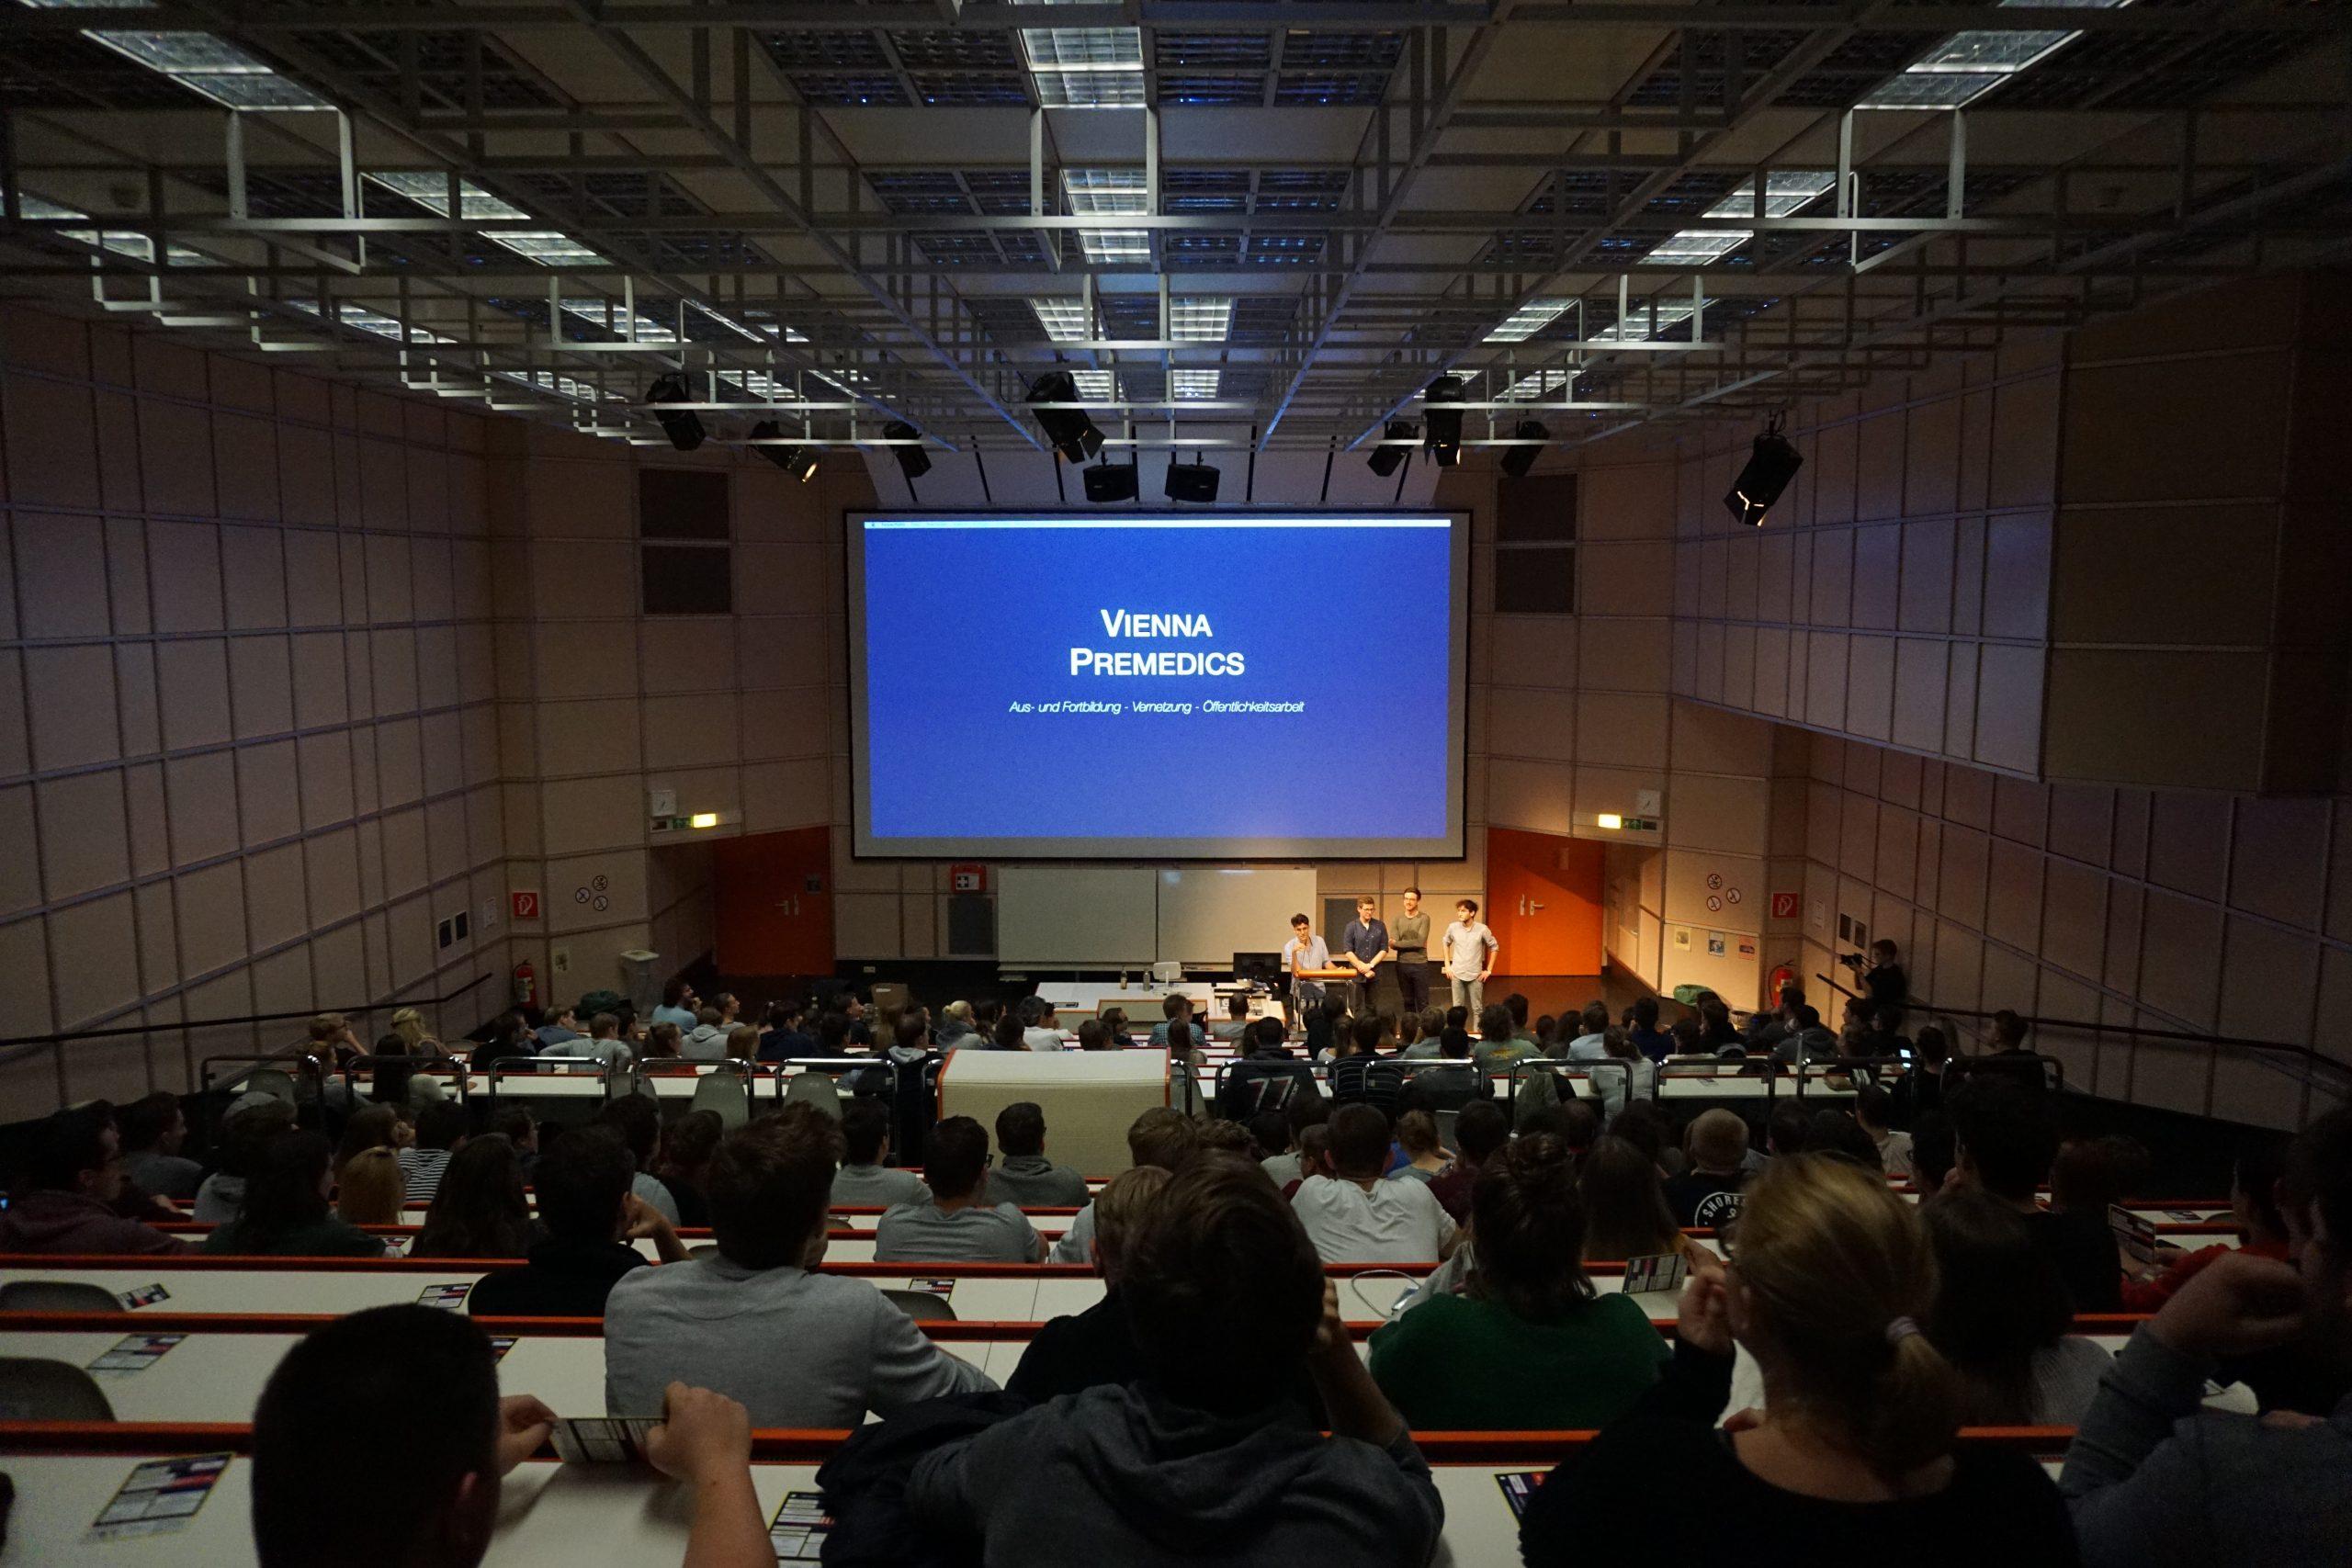 Foto des gefüllten Hörsaals mit Logo der Vienna Premedics